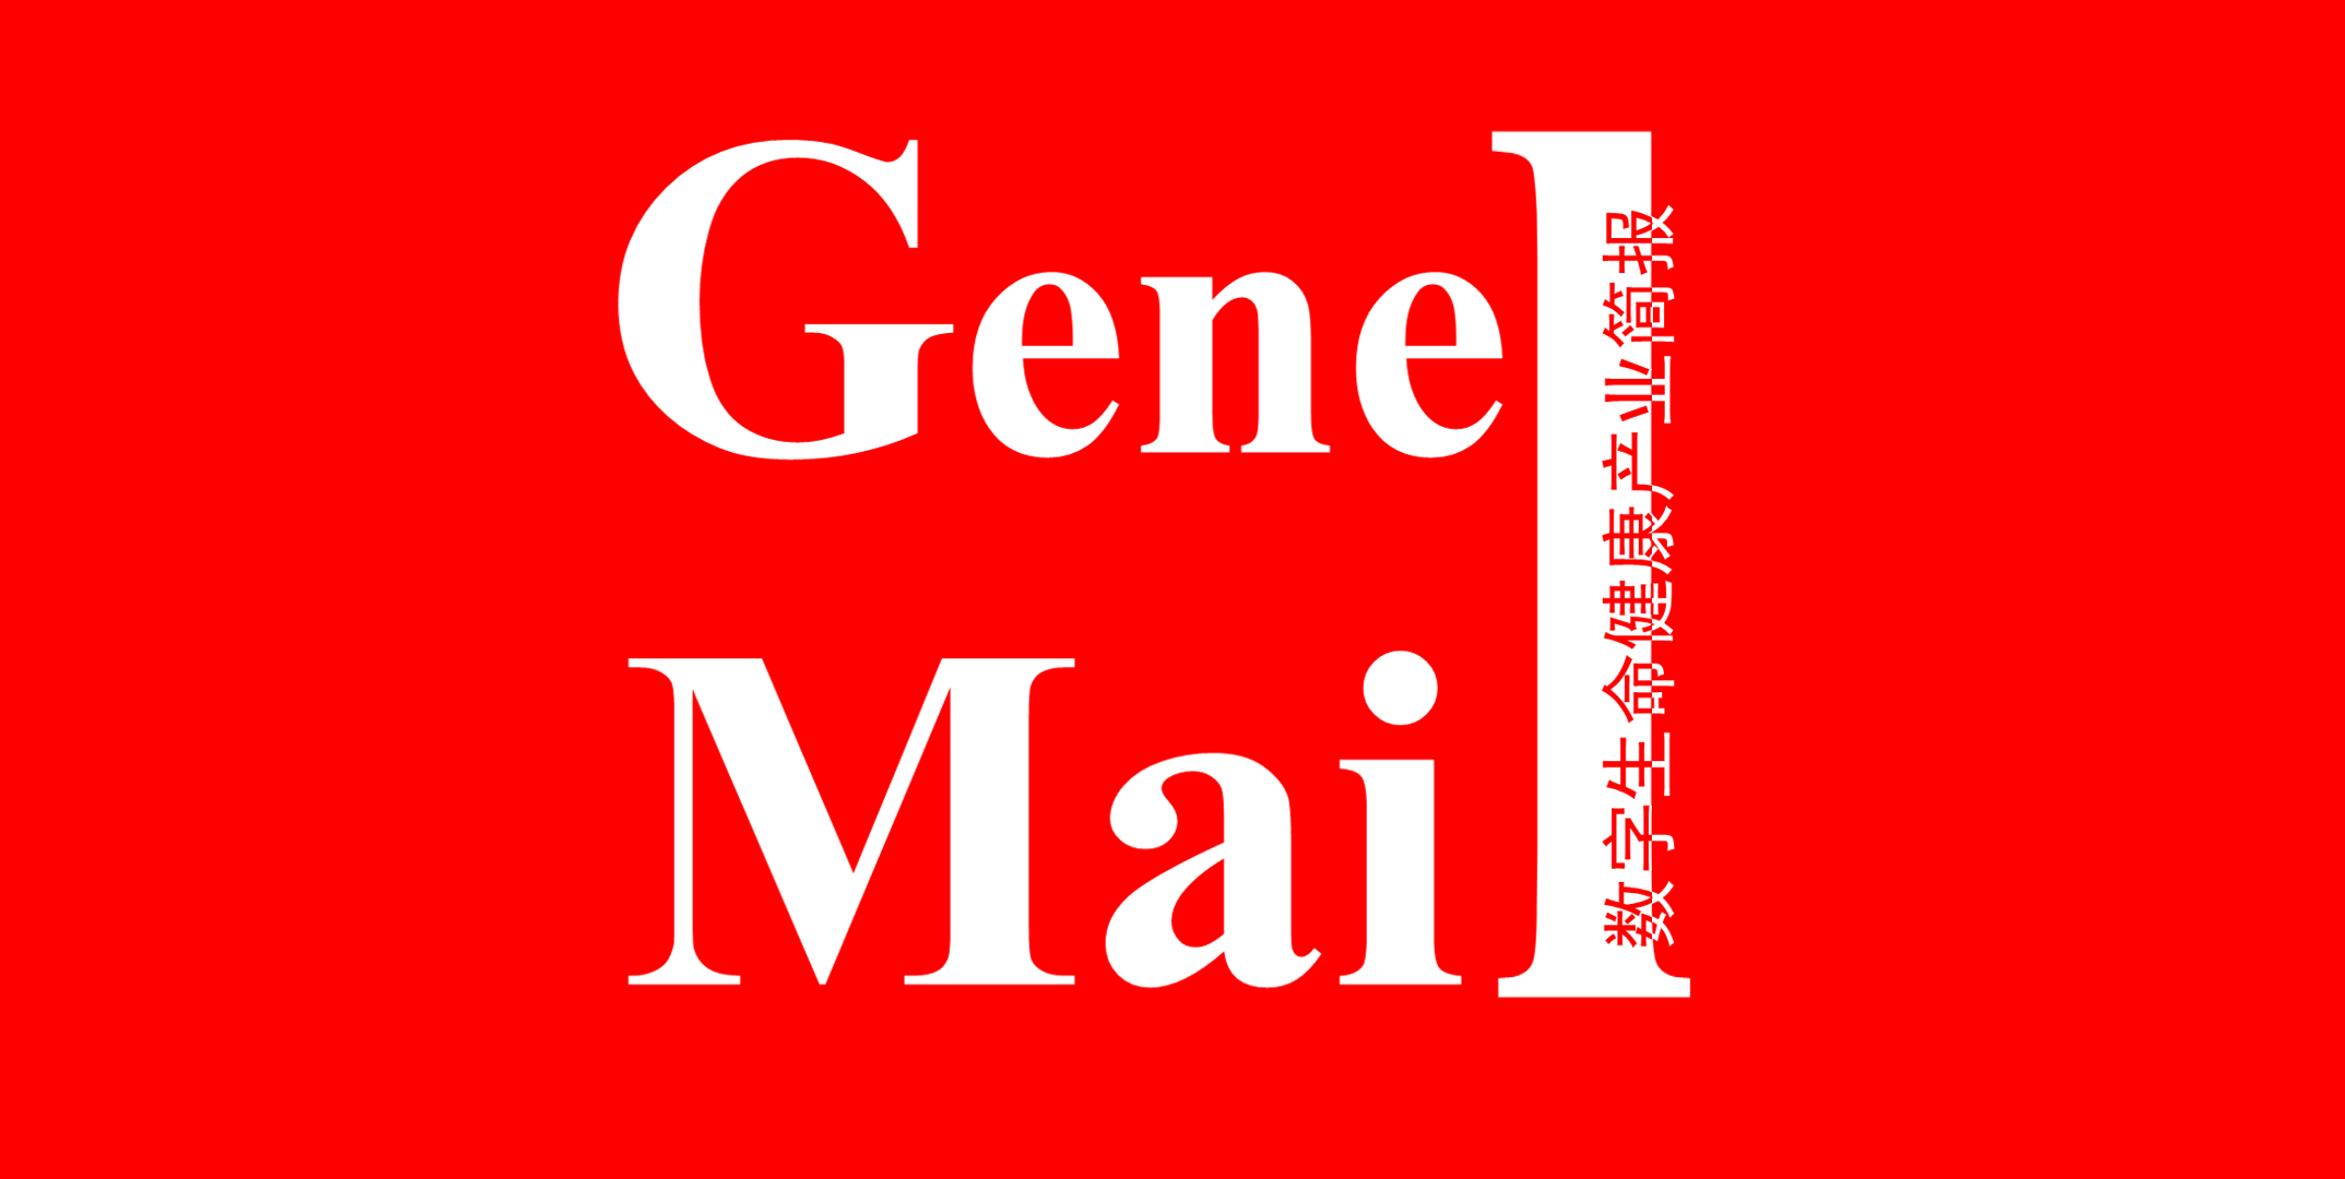 基因简报 | 交叉科学部正式成立;睿昂基因科创板过会;礼来首付$1亿于DMD基因疗法